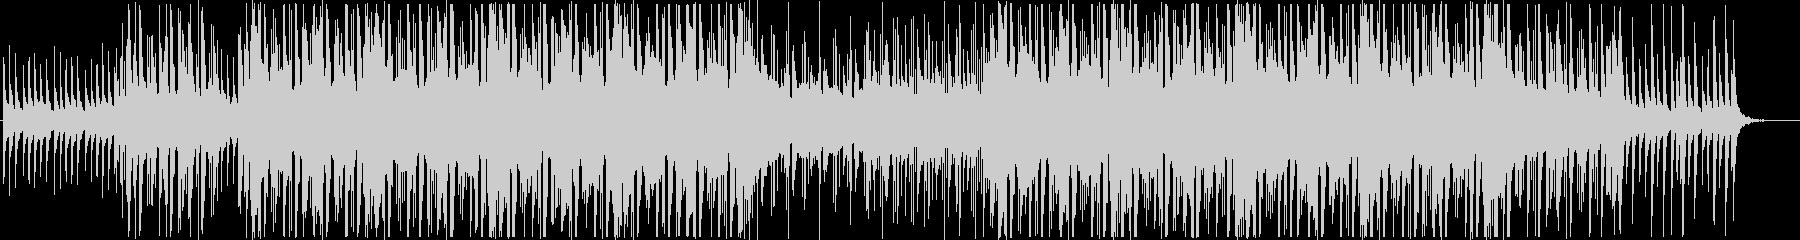 アジアン風暖かいトロピカルハウス(メロ無の未再生の波形